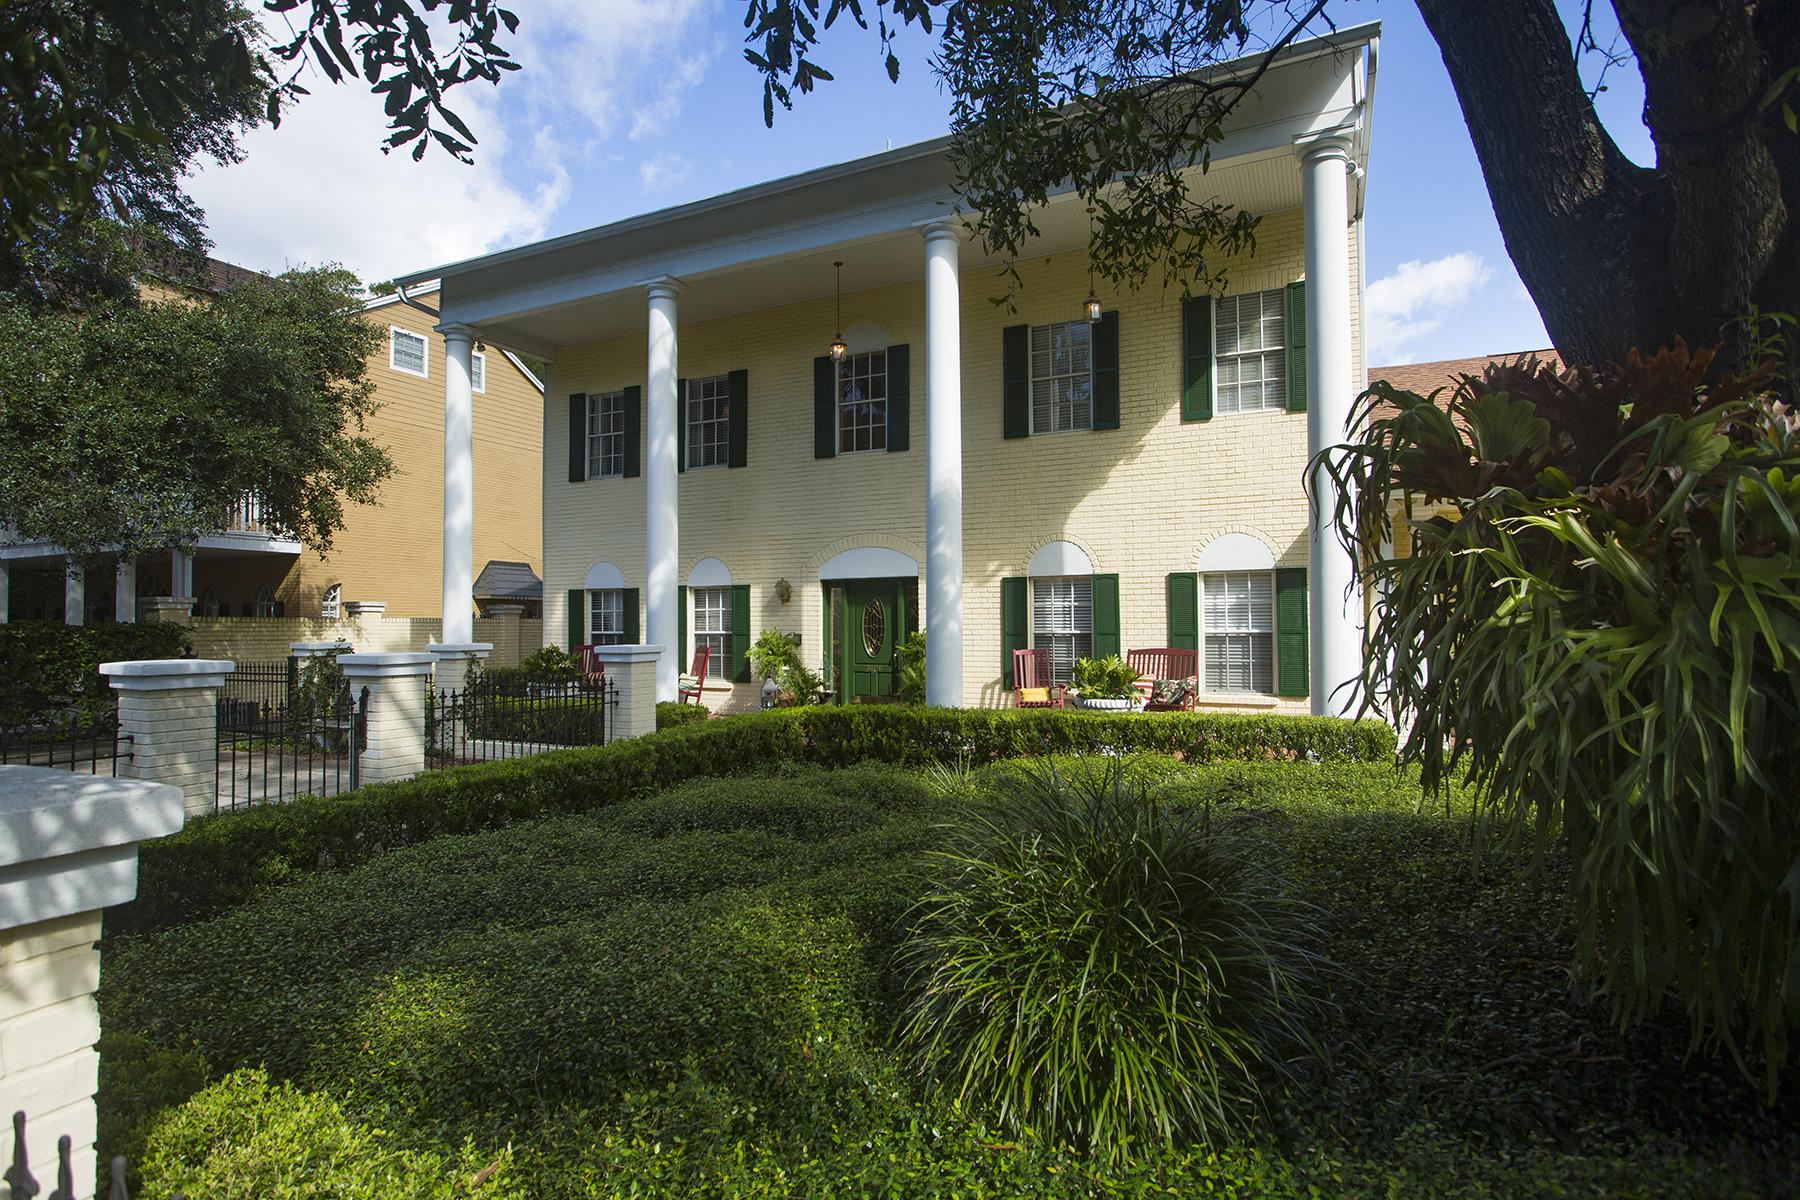 一戸建て のために 売買 アット SOUTH TAMPA 3409 W Mckay Ave Tampa, フロリダ, 33609 アメリカ合衆国